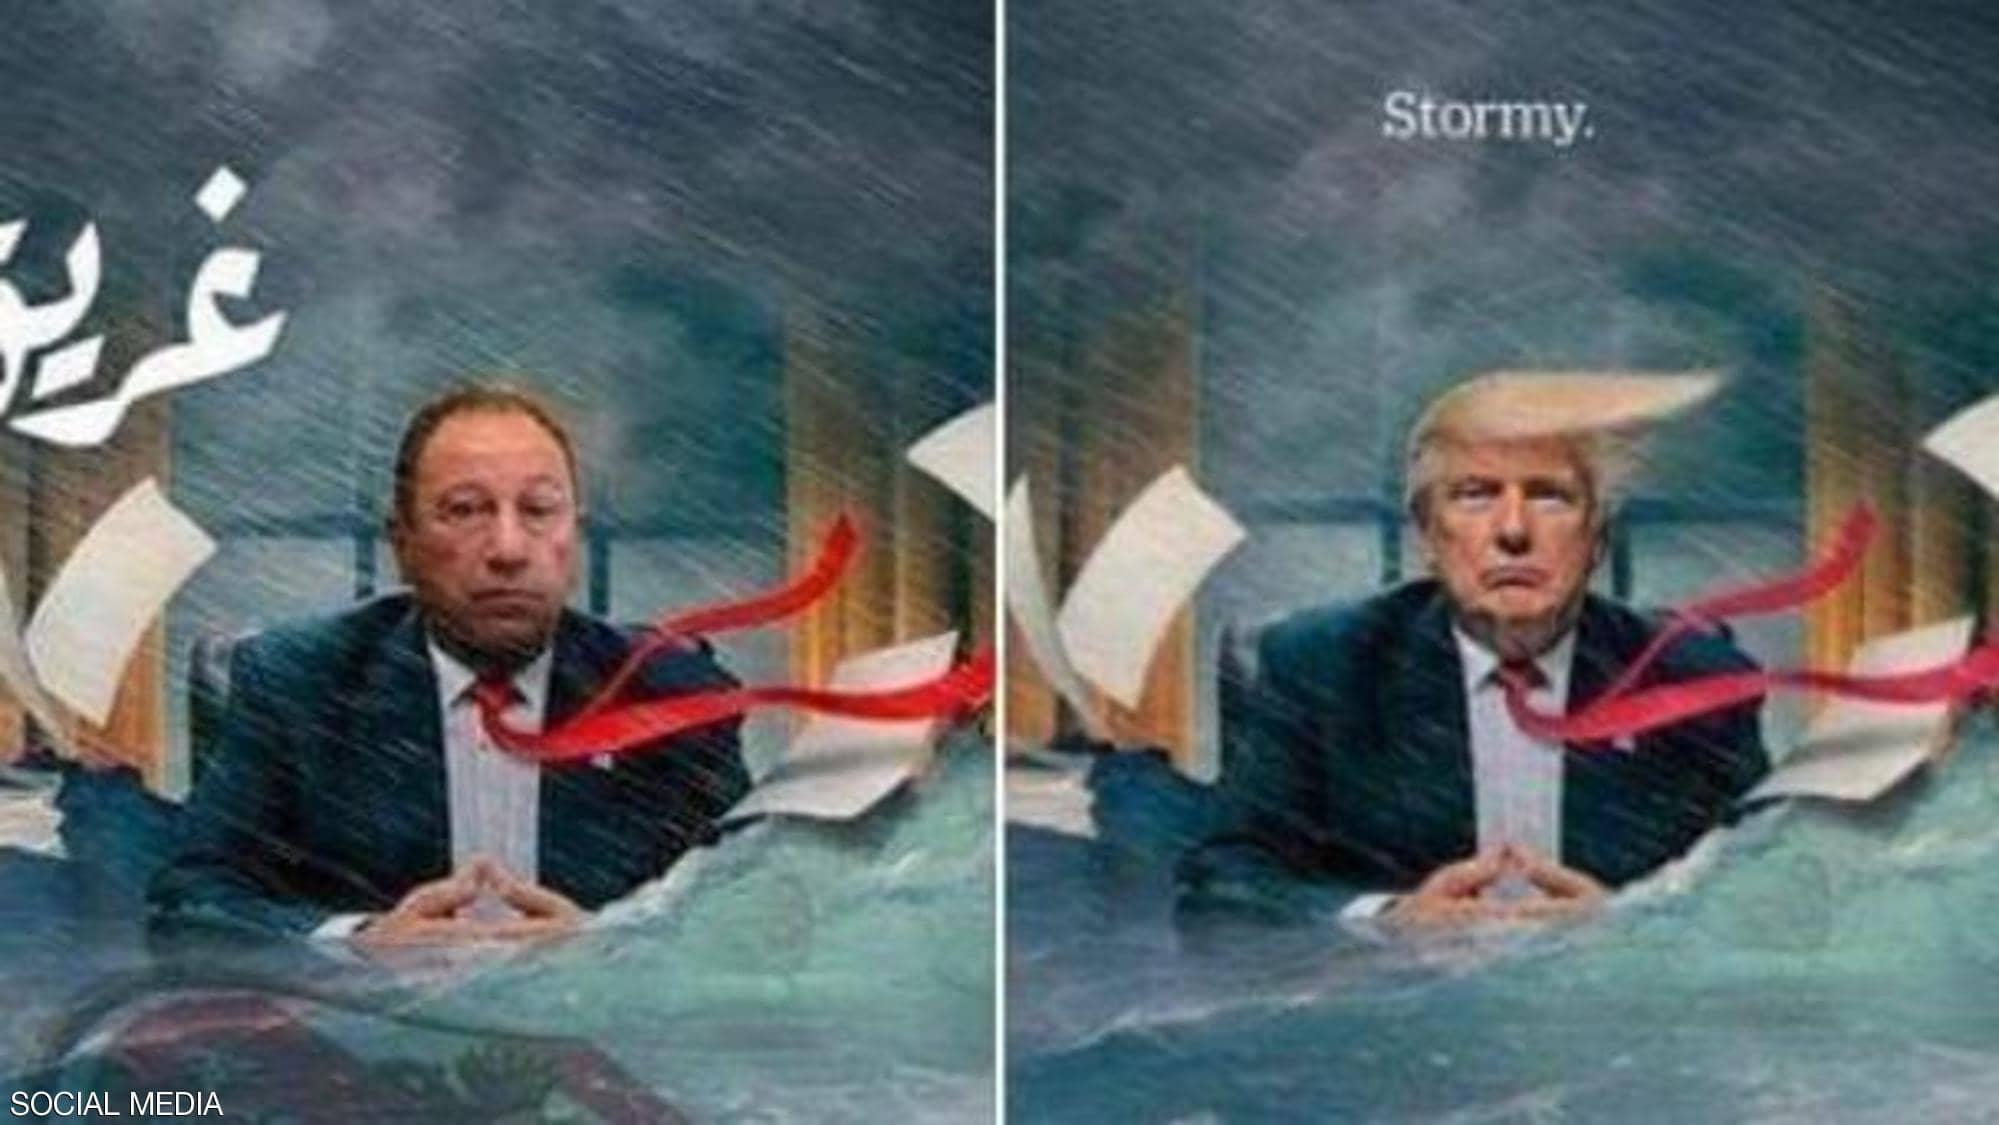 غلاف (غرق الأهلي) يفجّر الانتقادات في مصر